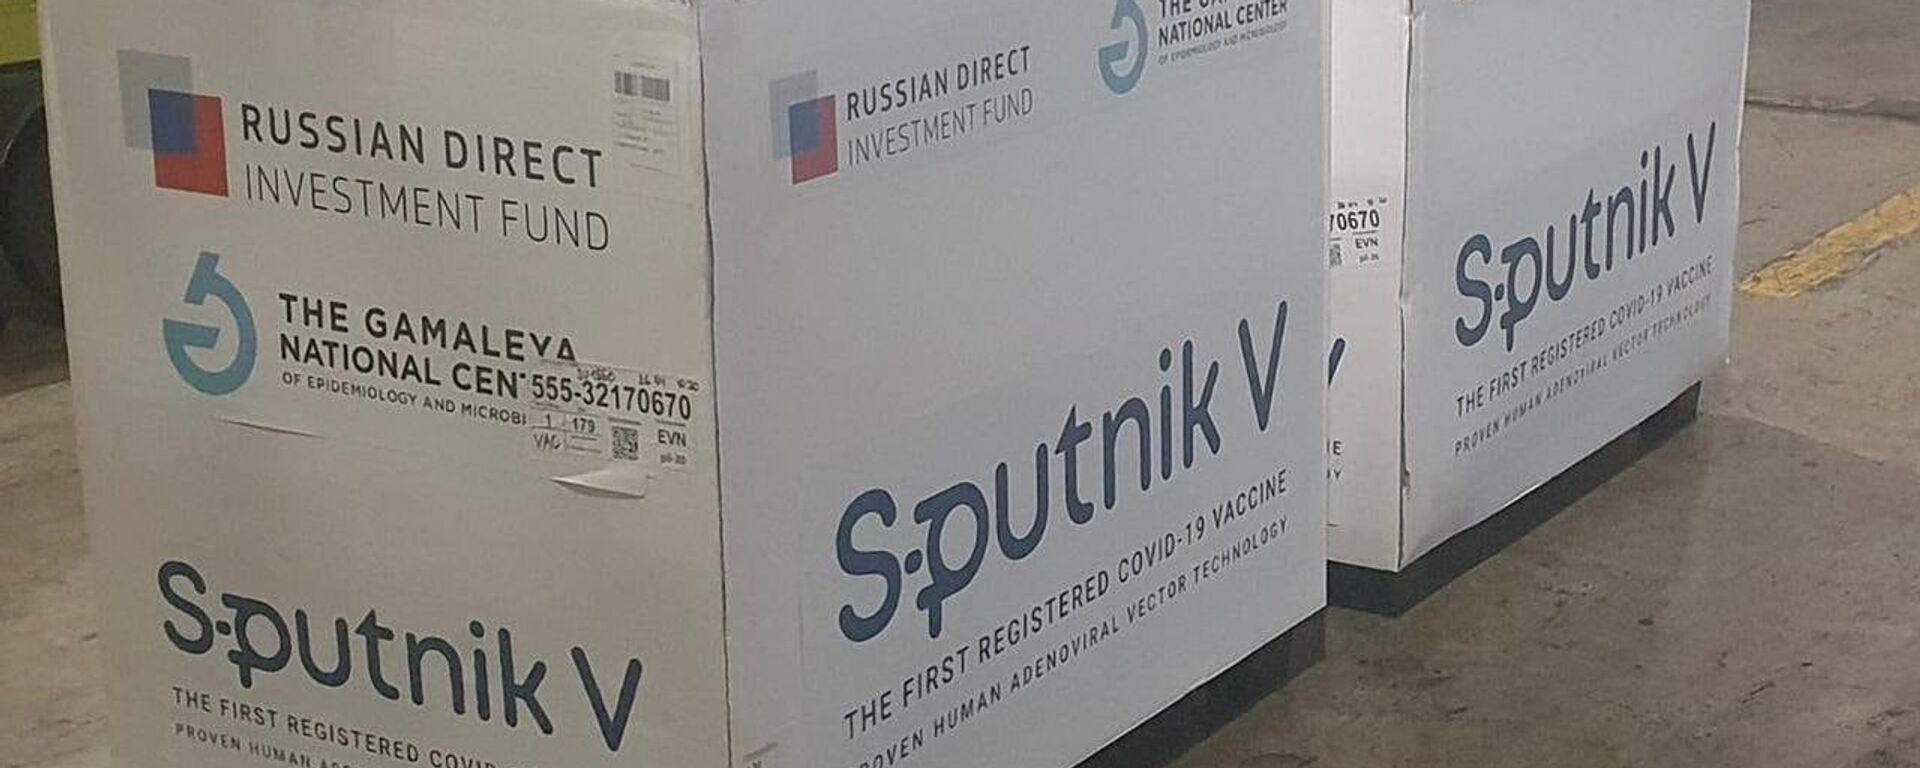 Очередная партия вакцины «Спутник-В» прибыла в Армению - Sputnik Армения, 1920, 05.10.2021